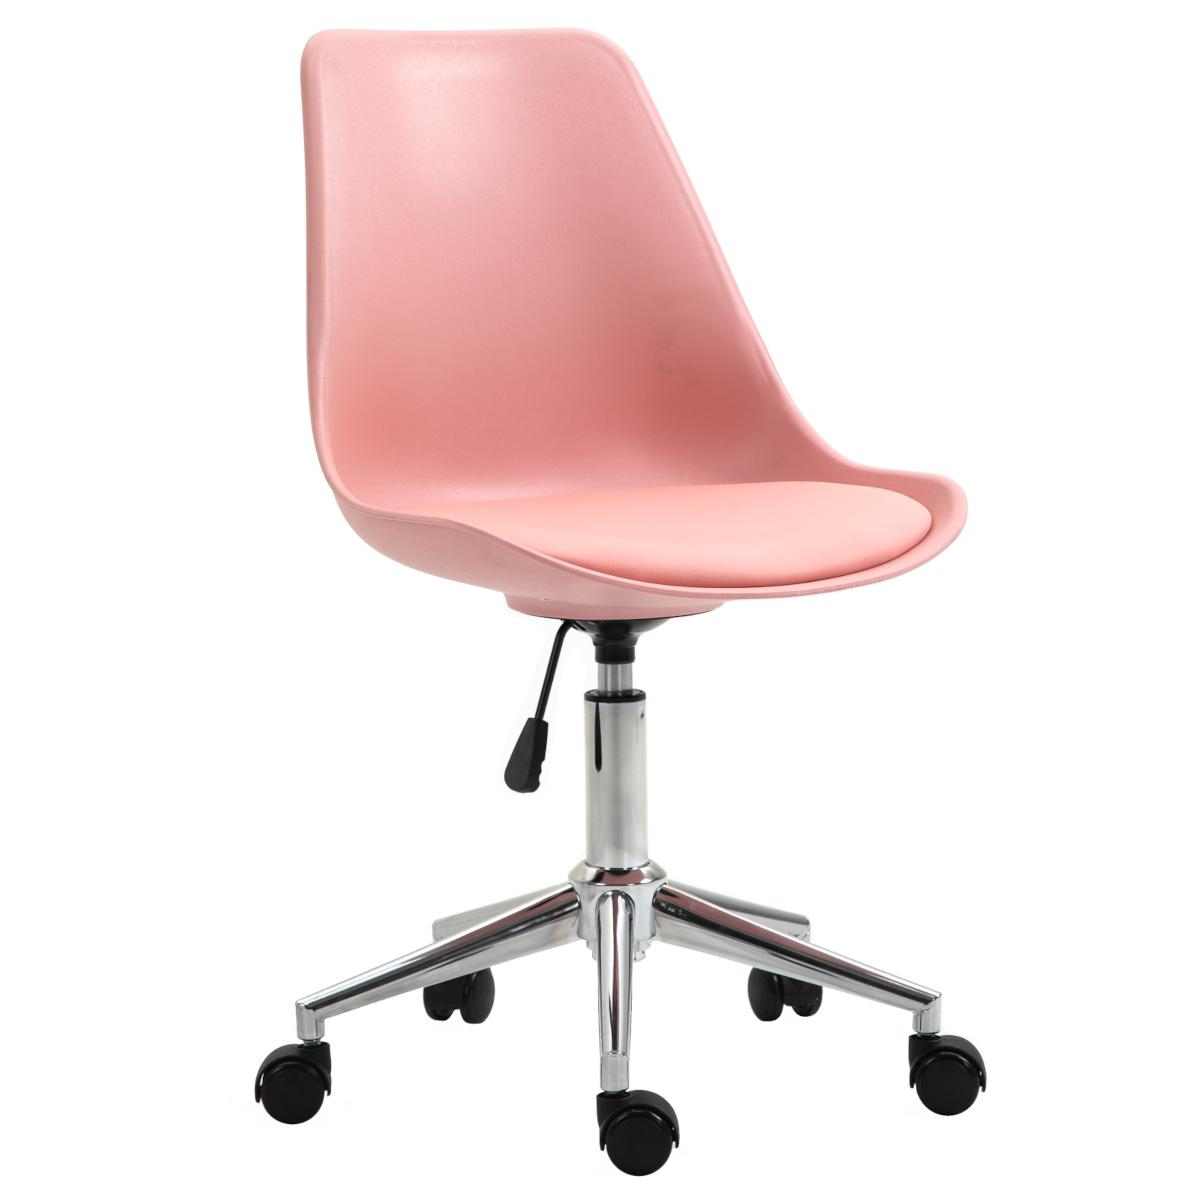 92236 SVITA EDDY Schreibtischstuhl für Kinder Drehstuhl Kinderschreibtischstuhl Rosa